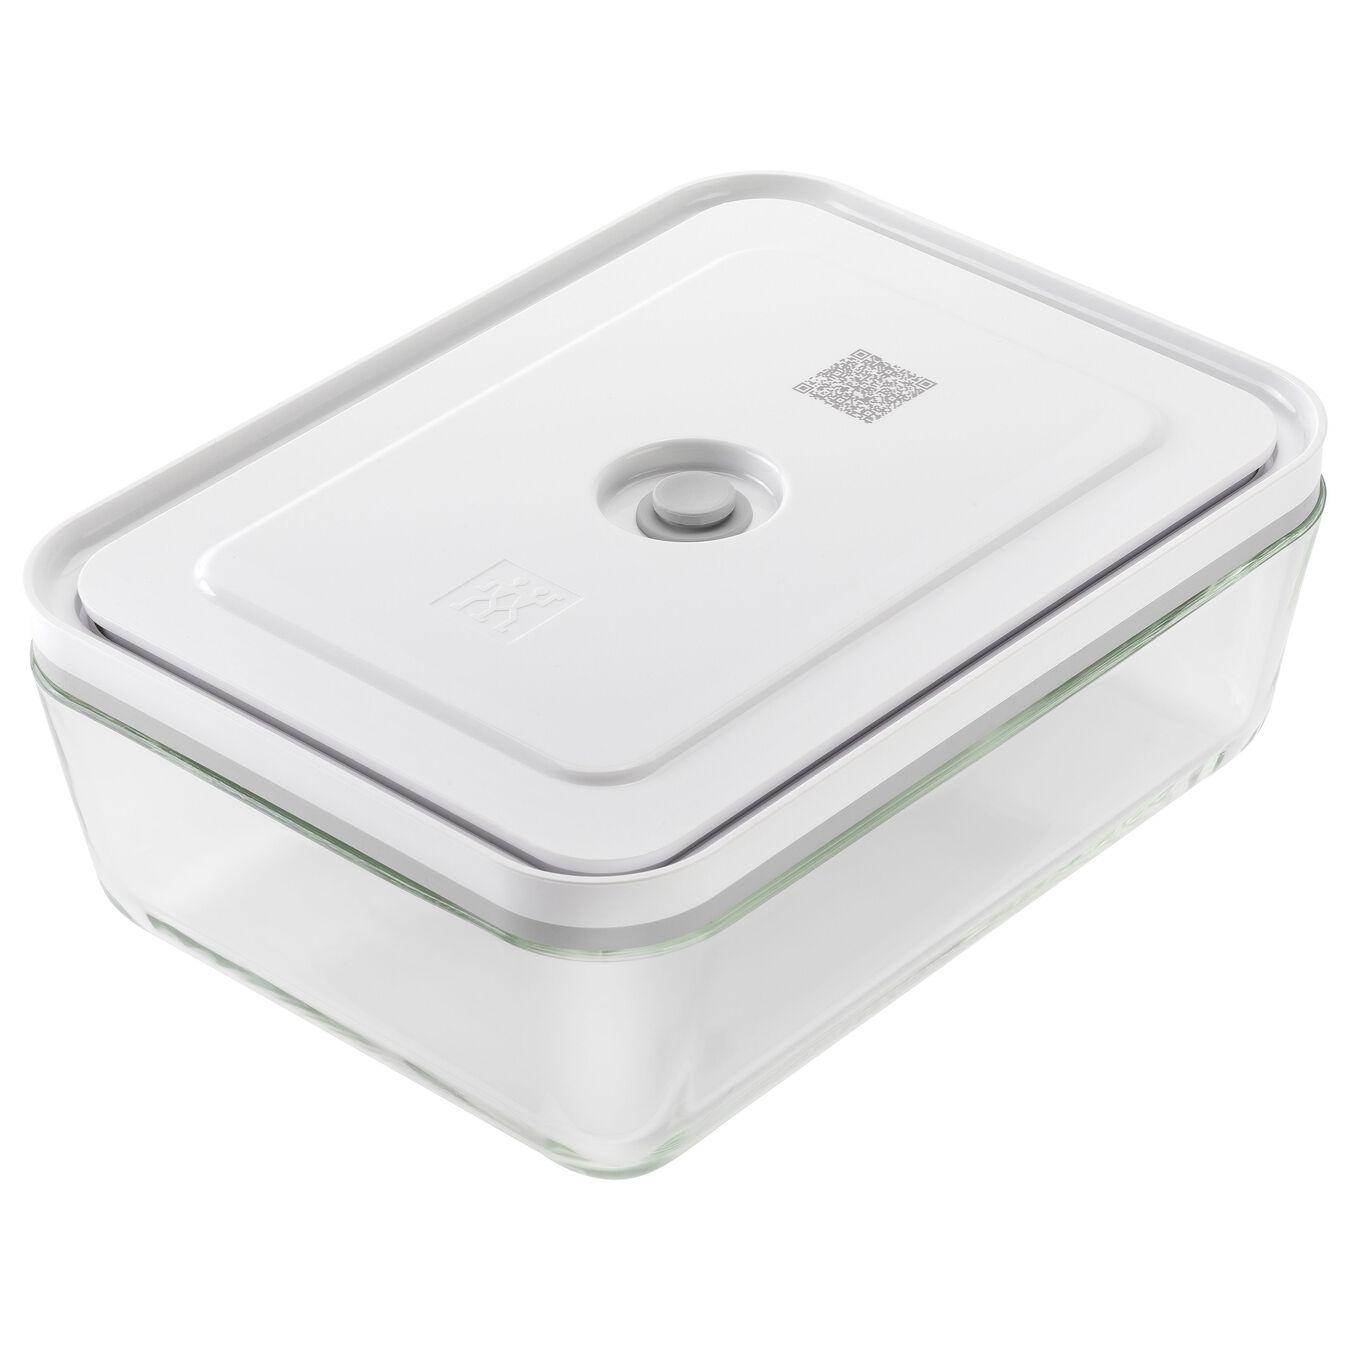 Vacuum Kühlschrankbox, Borosilikatglas, Weiß,,large 1